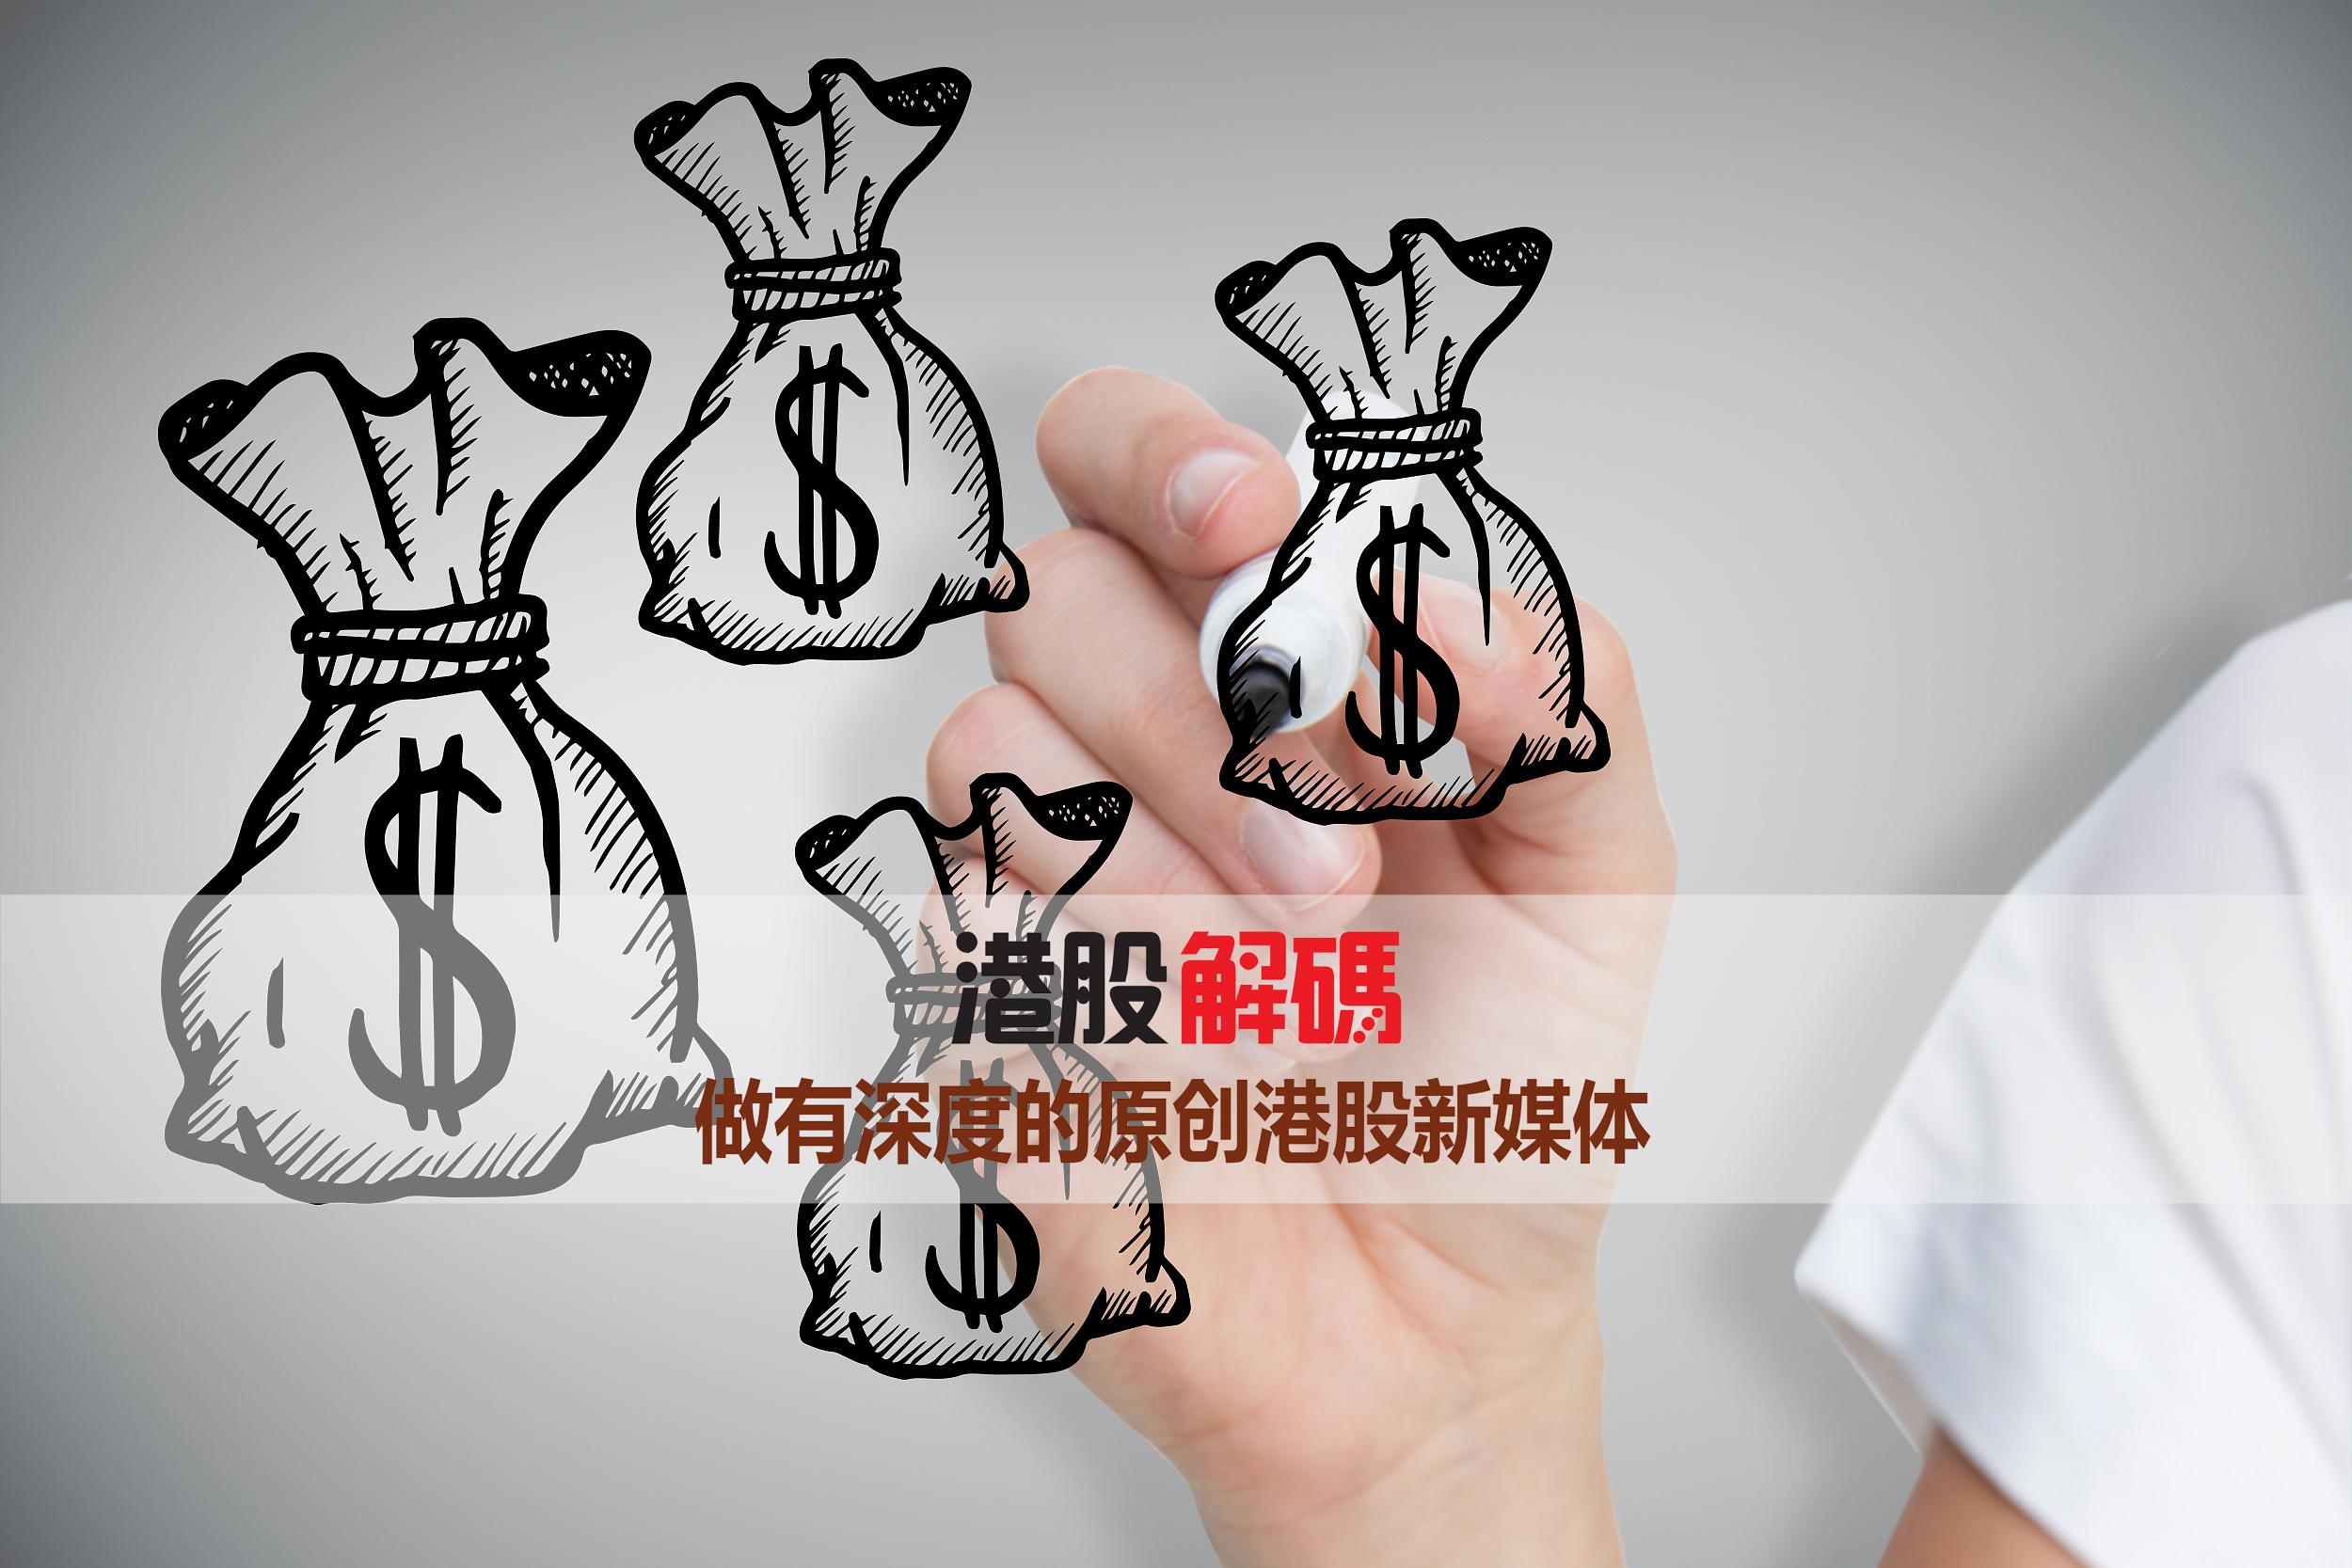 大兴收购,雅高控股再拓业务范畴是顺势而为还是无奈之举?